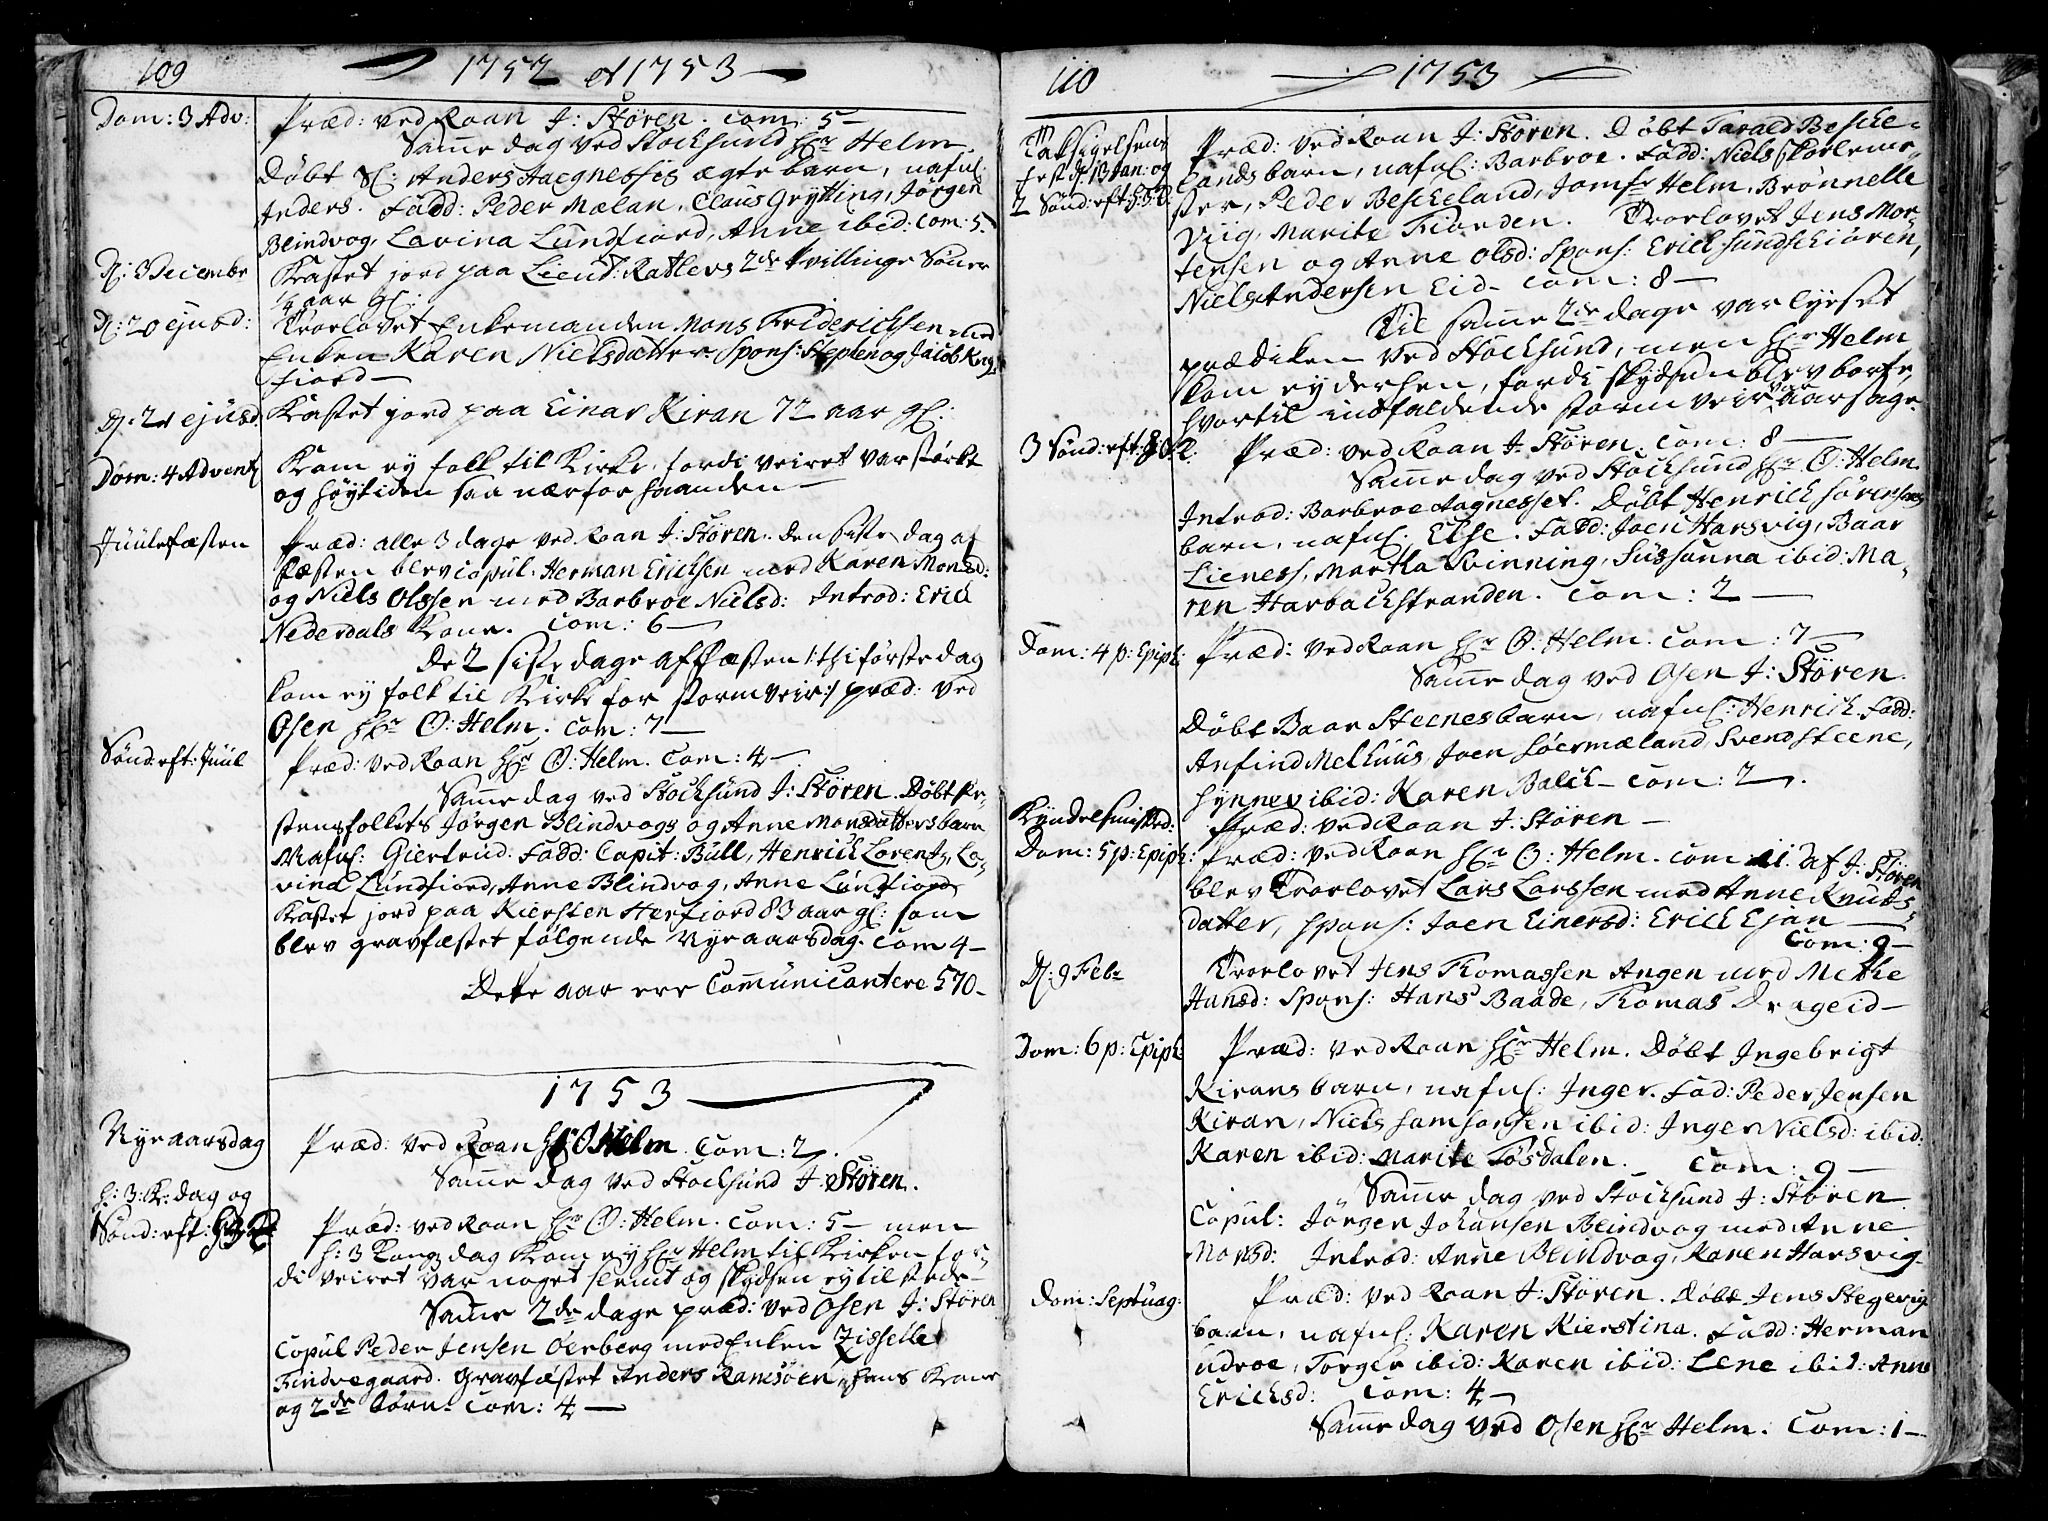 SAT, Ministerialprotokoller, klokkerbøker og fødselsregistre - Sør-Trøndelag, 657/L0700: Ministerialbok nr. 657A01, 1732-1801, s. 109-110